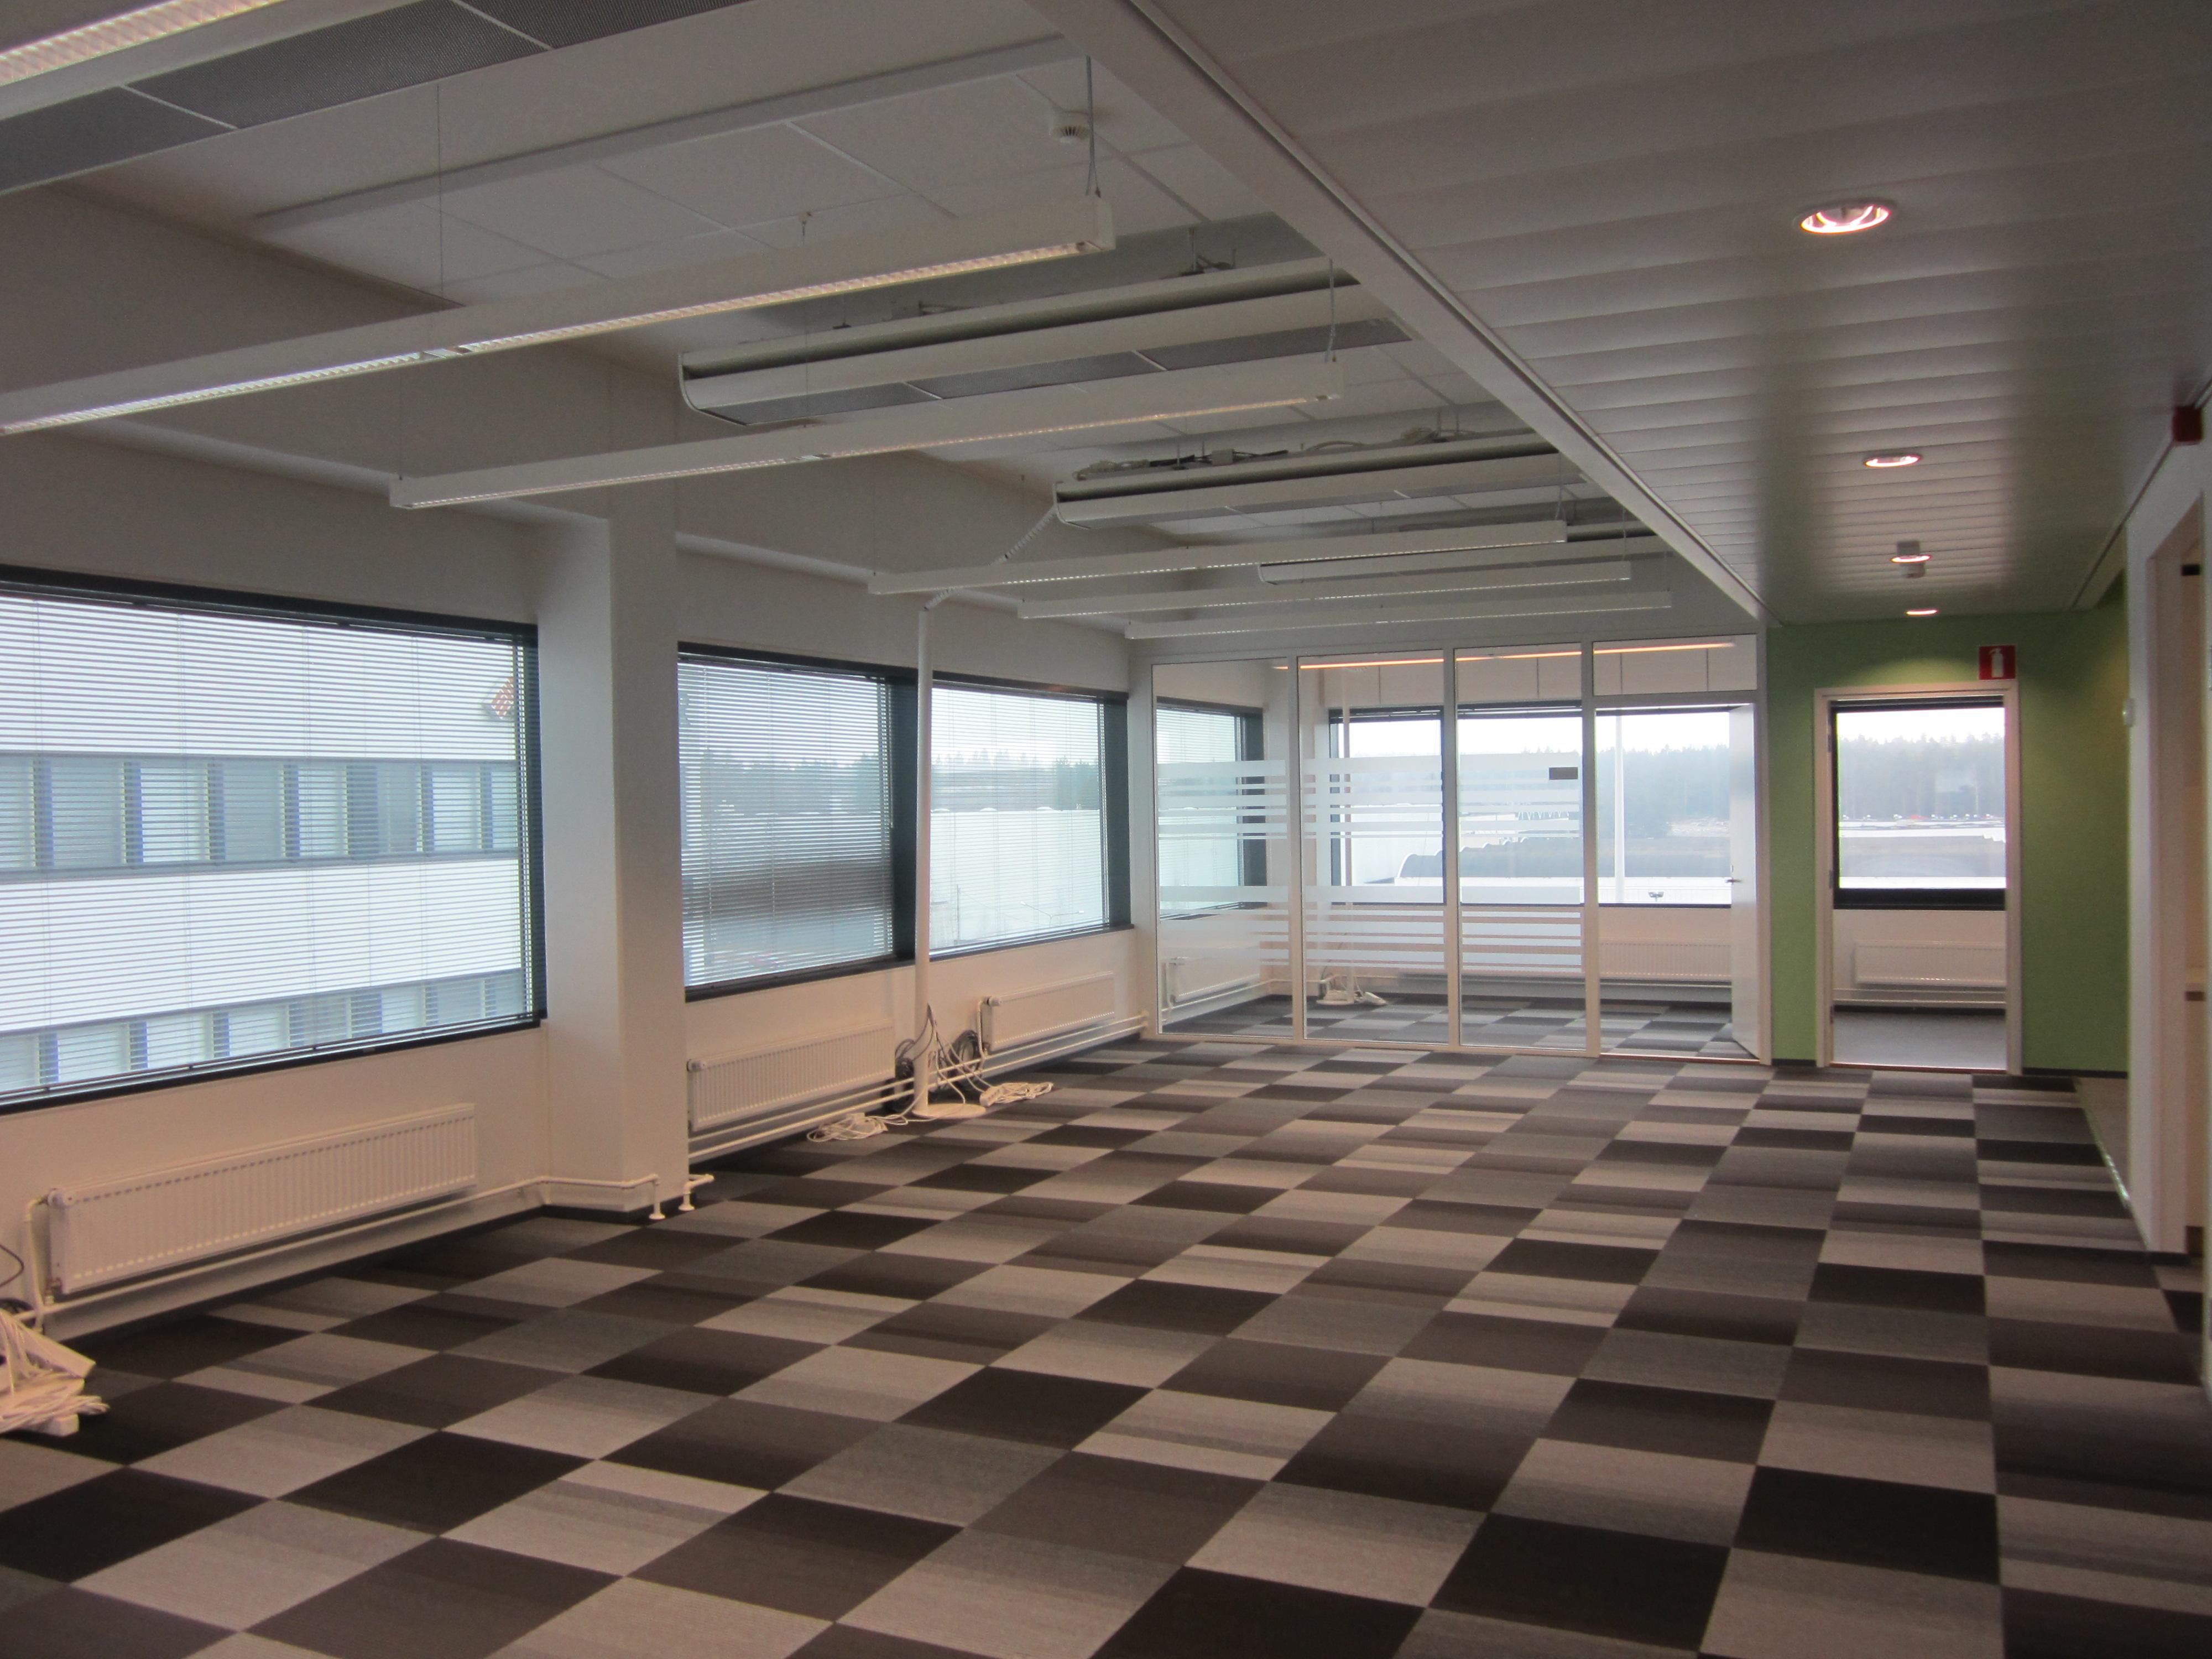 vapaata toimistotilaa edustustilaa business park avia line vantaa lentokenttä aviapolis veromies